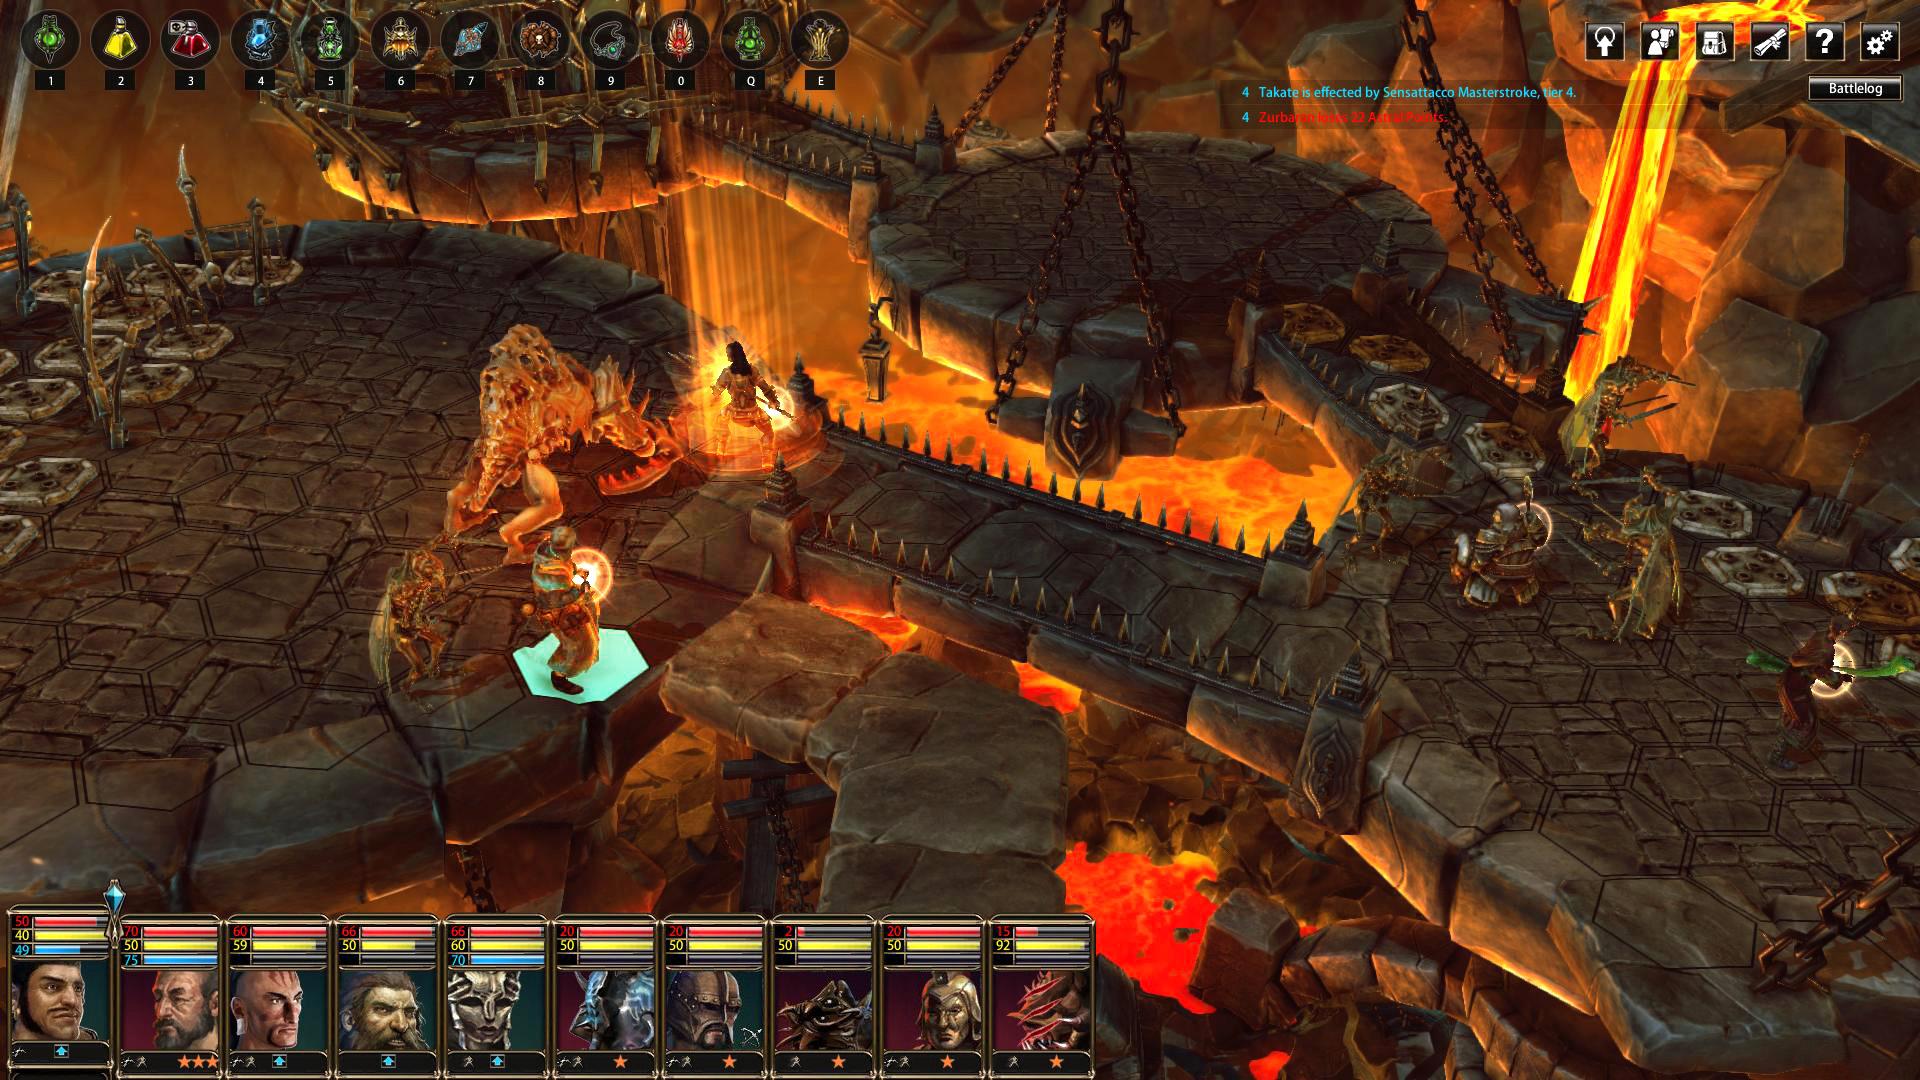 Скриншот Blackguards 2 (Лицензия) скачать торрентом